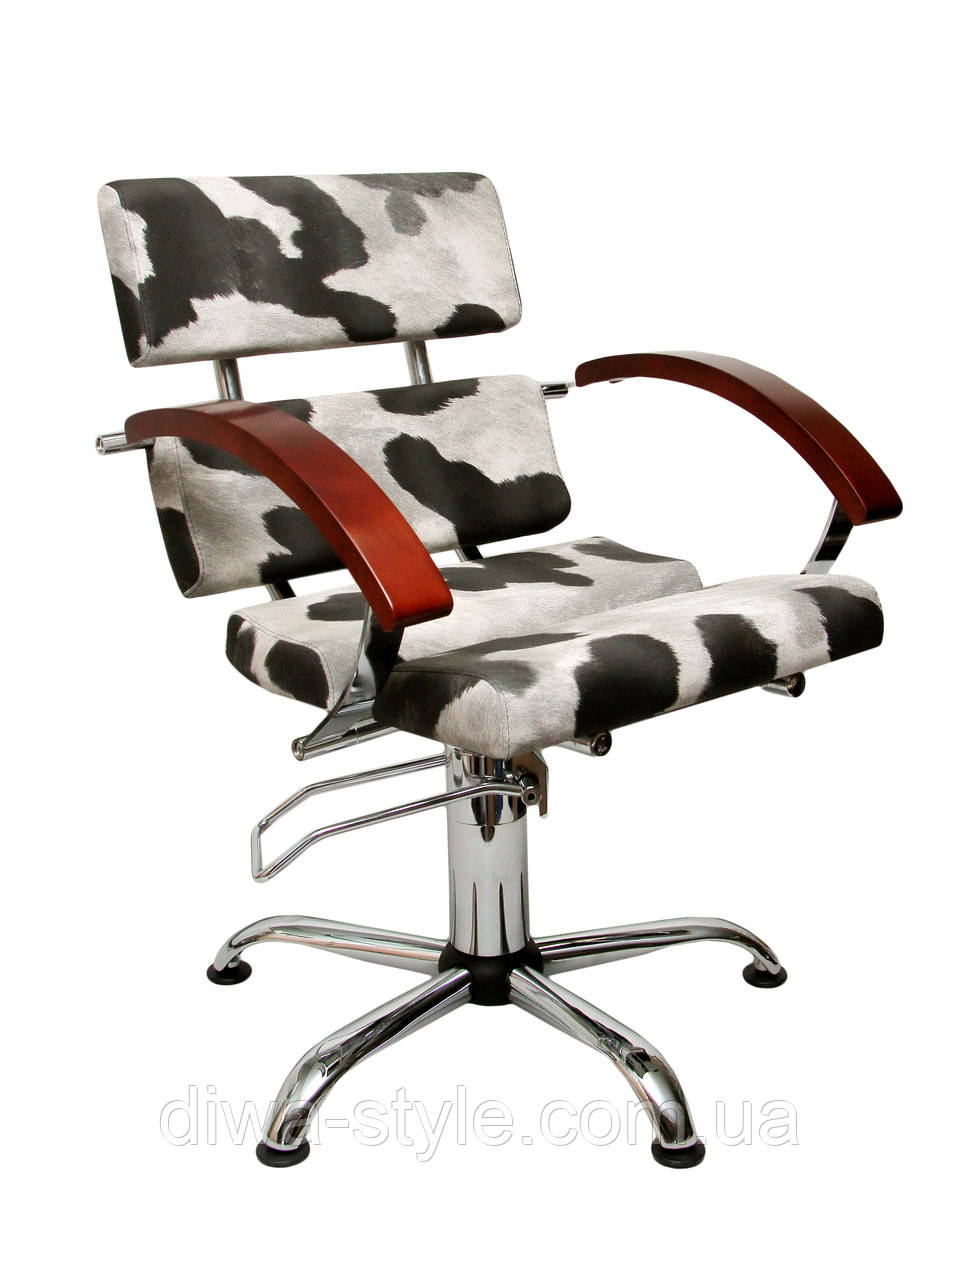 Кресло парикмахерское Гала